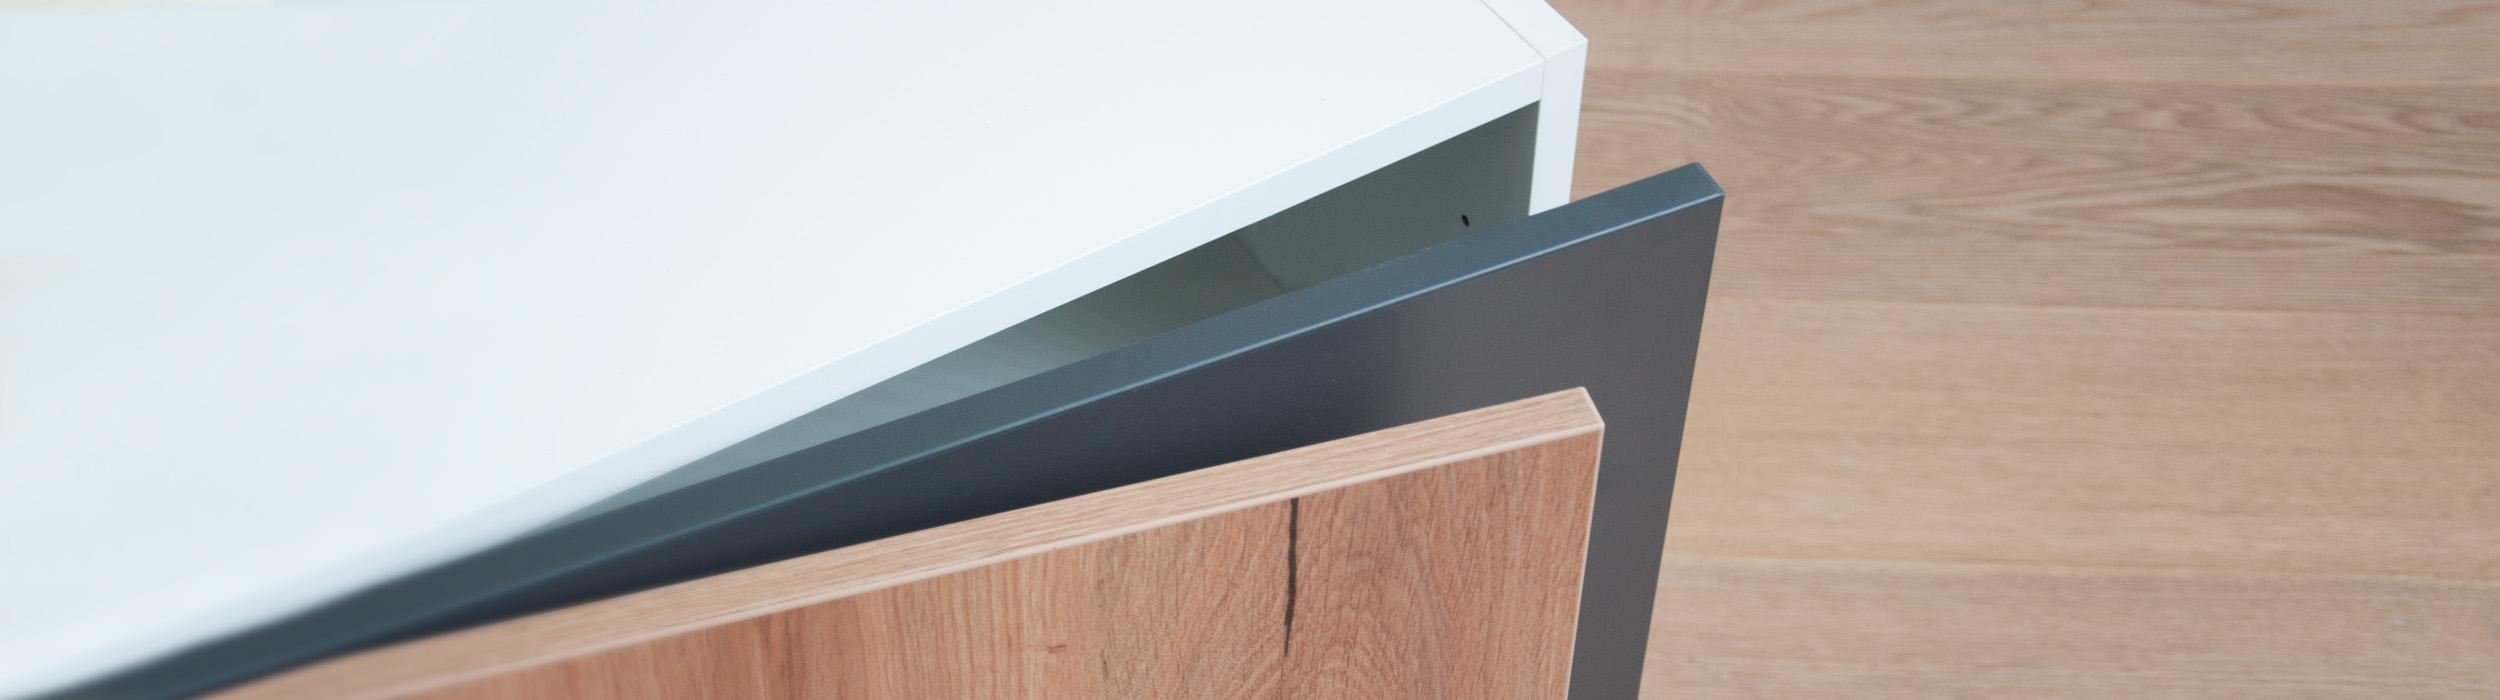 mein massmoebel shop schrank nach mass online planen m bel nach mass. Black Bedroom Furniture Sets. Home Design Ideas